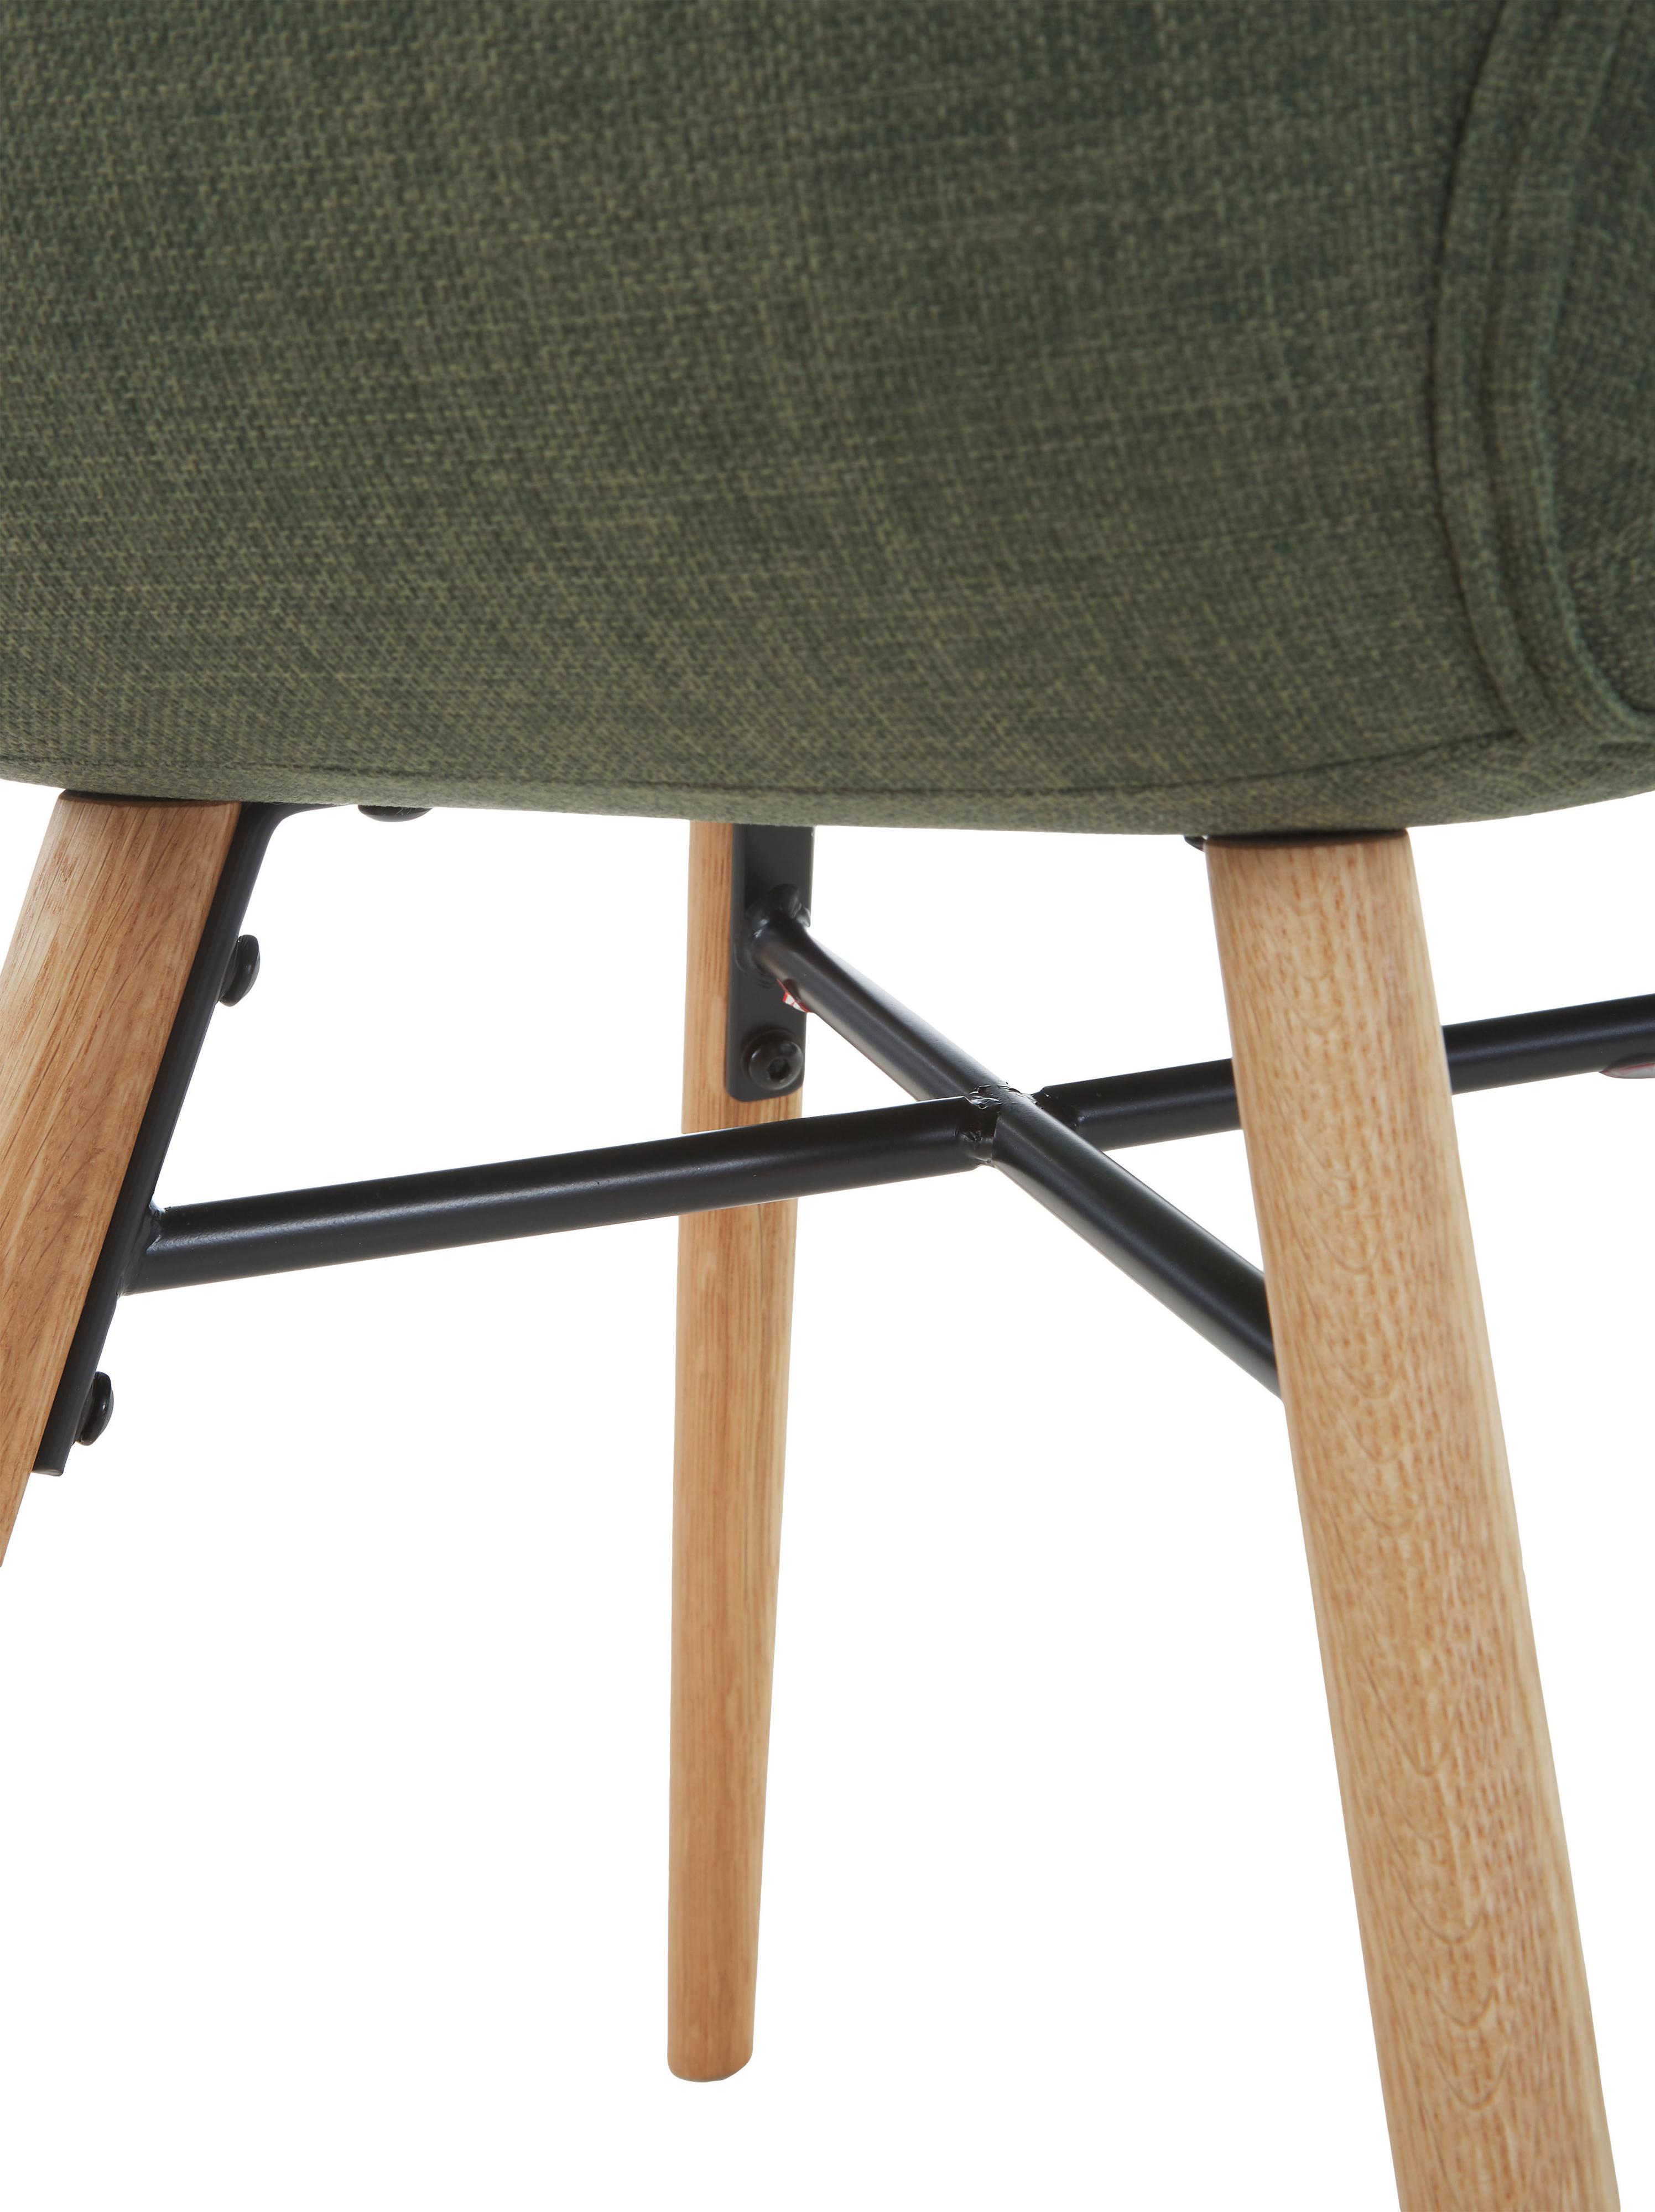 Polsterstühle Batilda im Skandi Design, 2 Stück, Bezug: Polyester 25.000 Scheuert, Beine: Eichenholz, massiv, klarl, Webstoff Grün, B 56 x T 47 cm